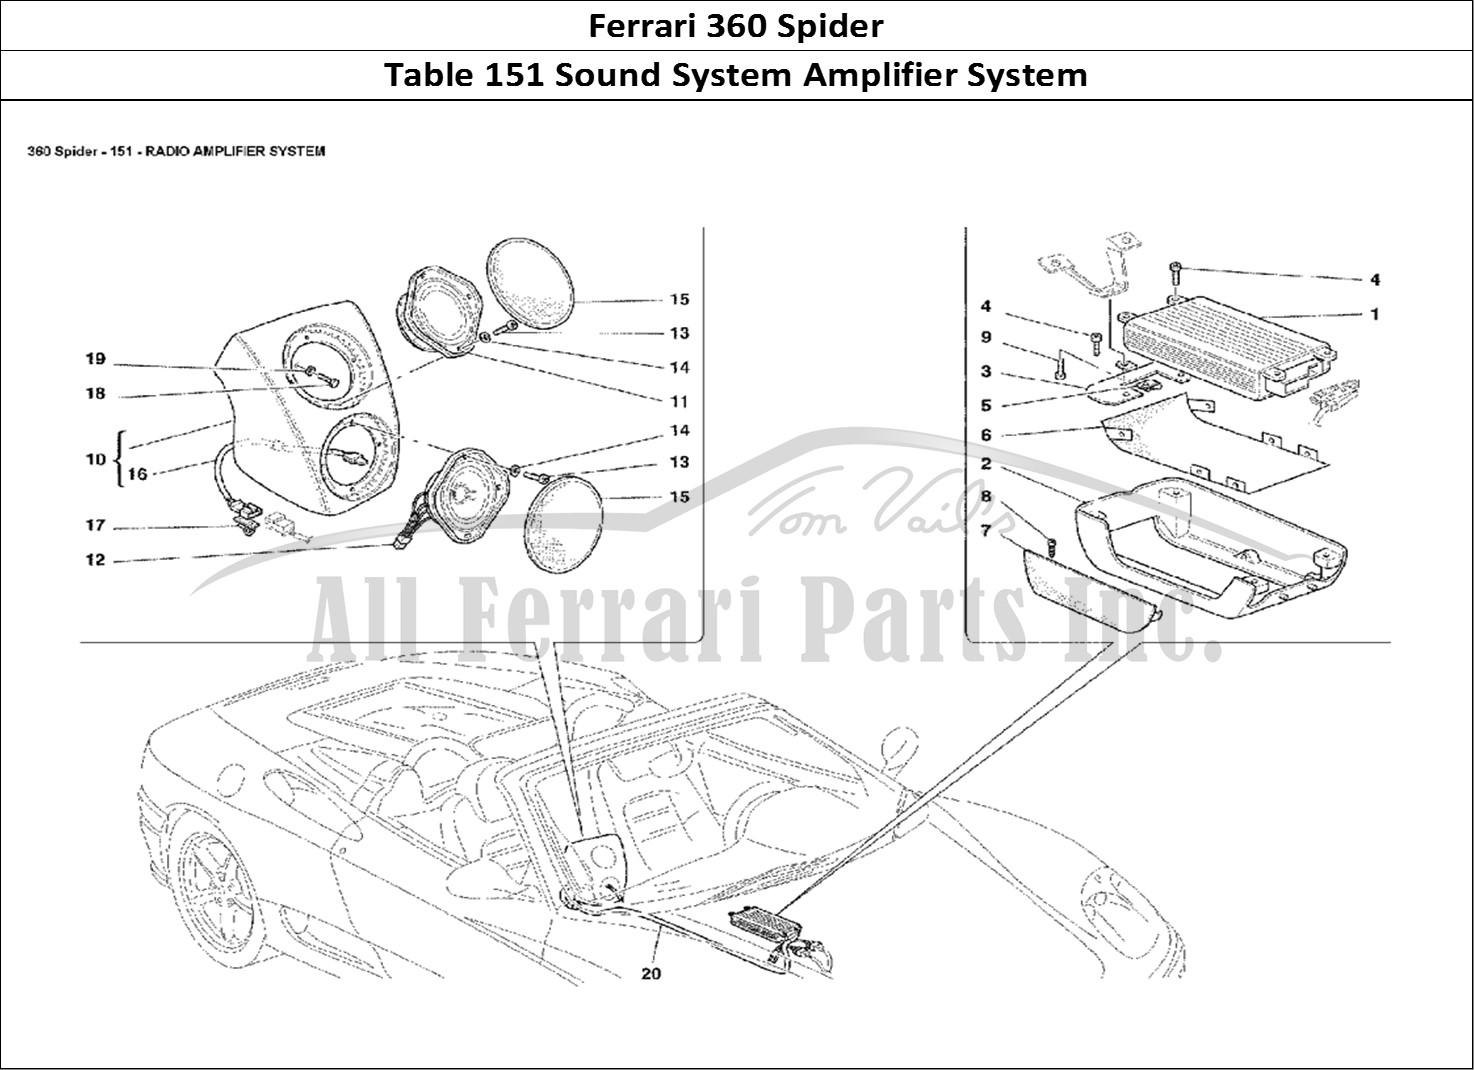 Buy Original Ferrari 360 Spider 151 Sound System Amplifier